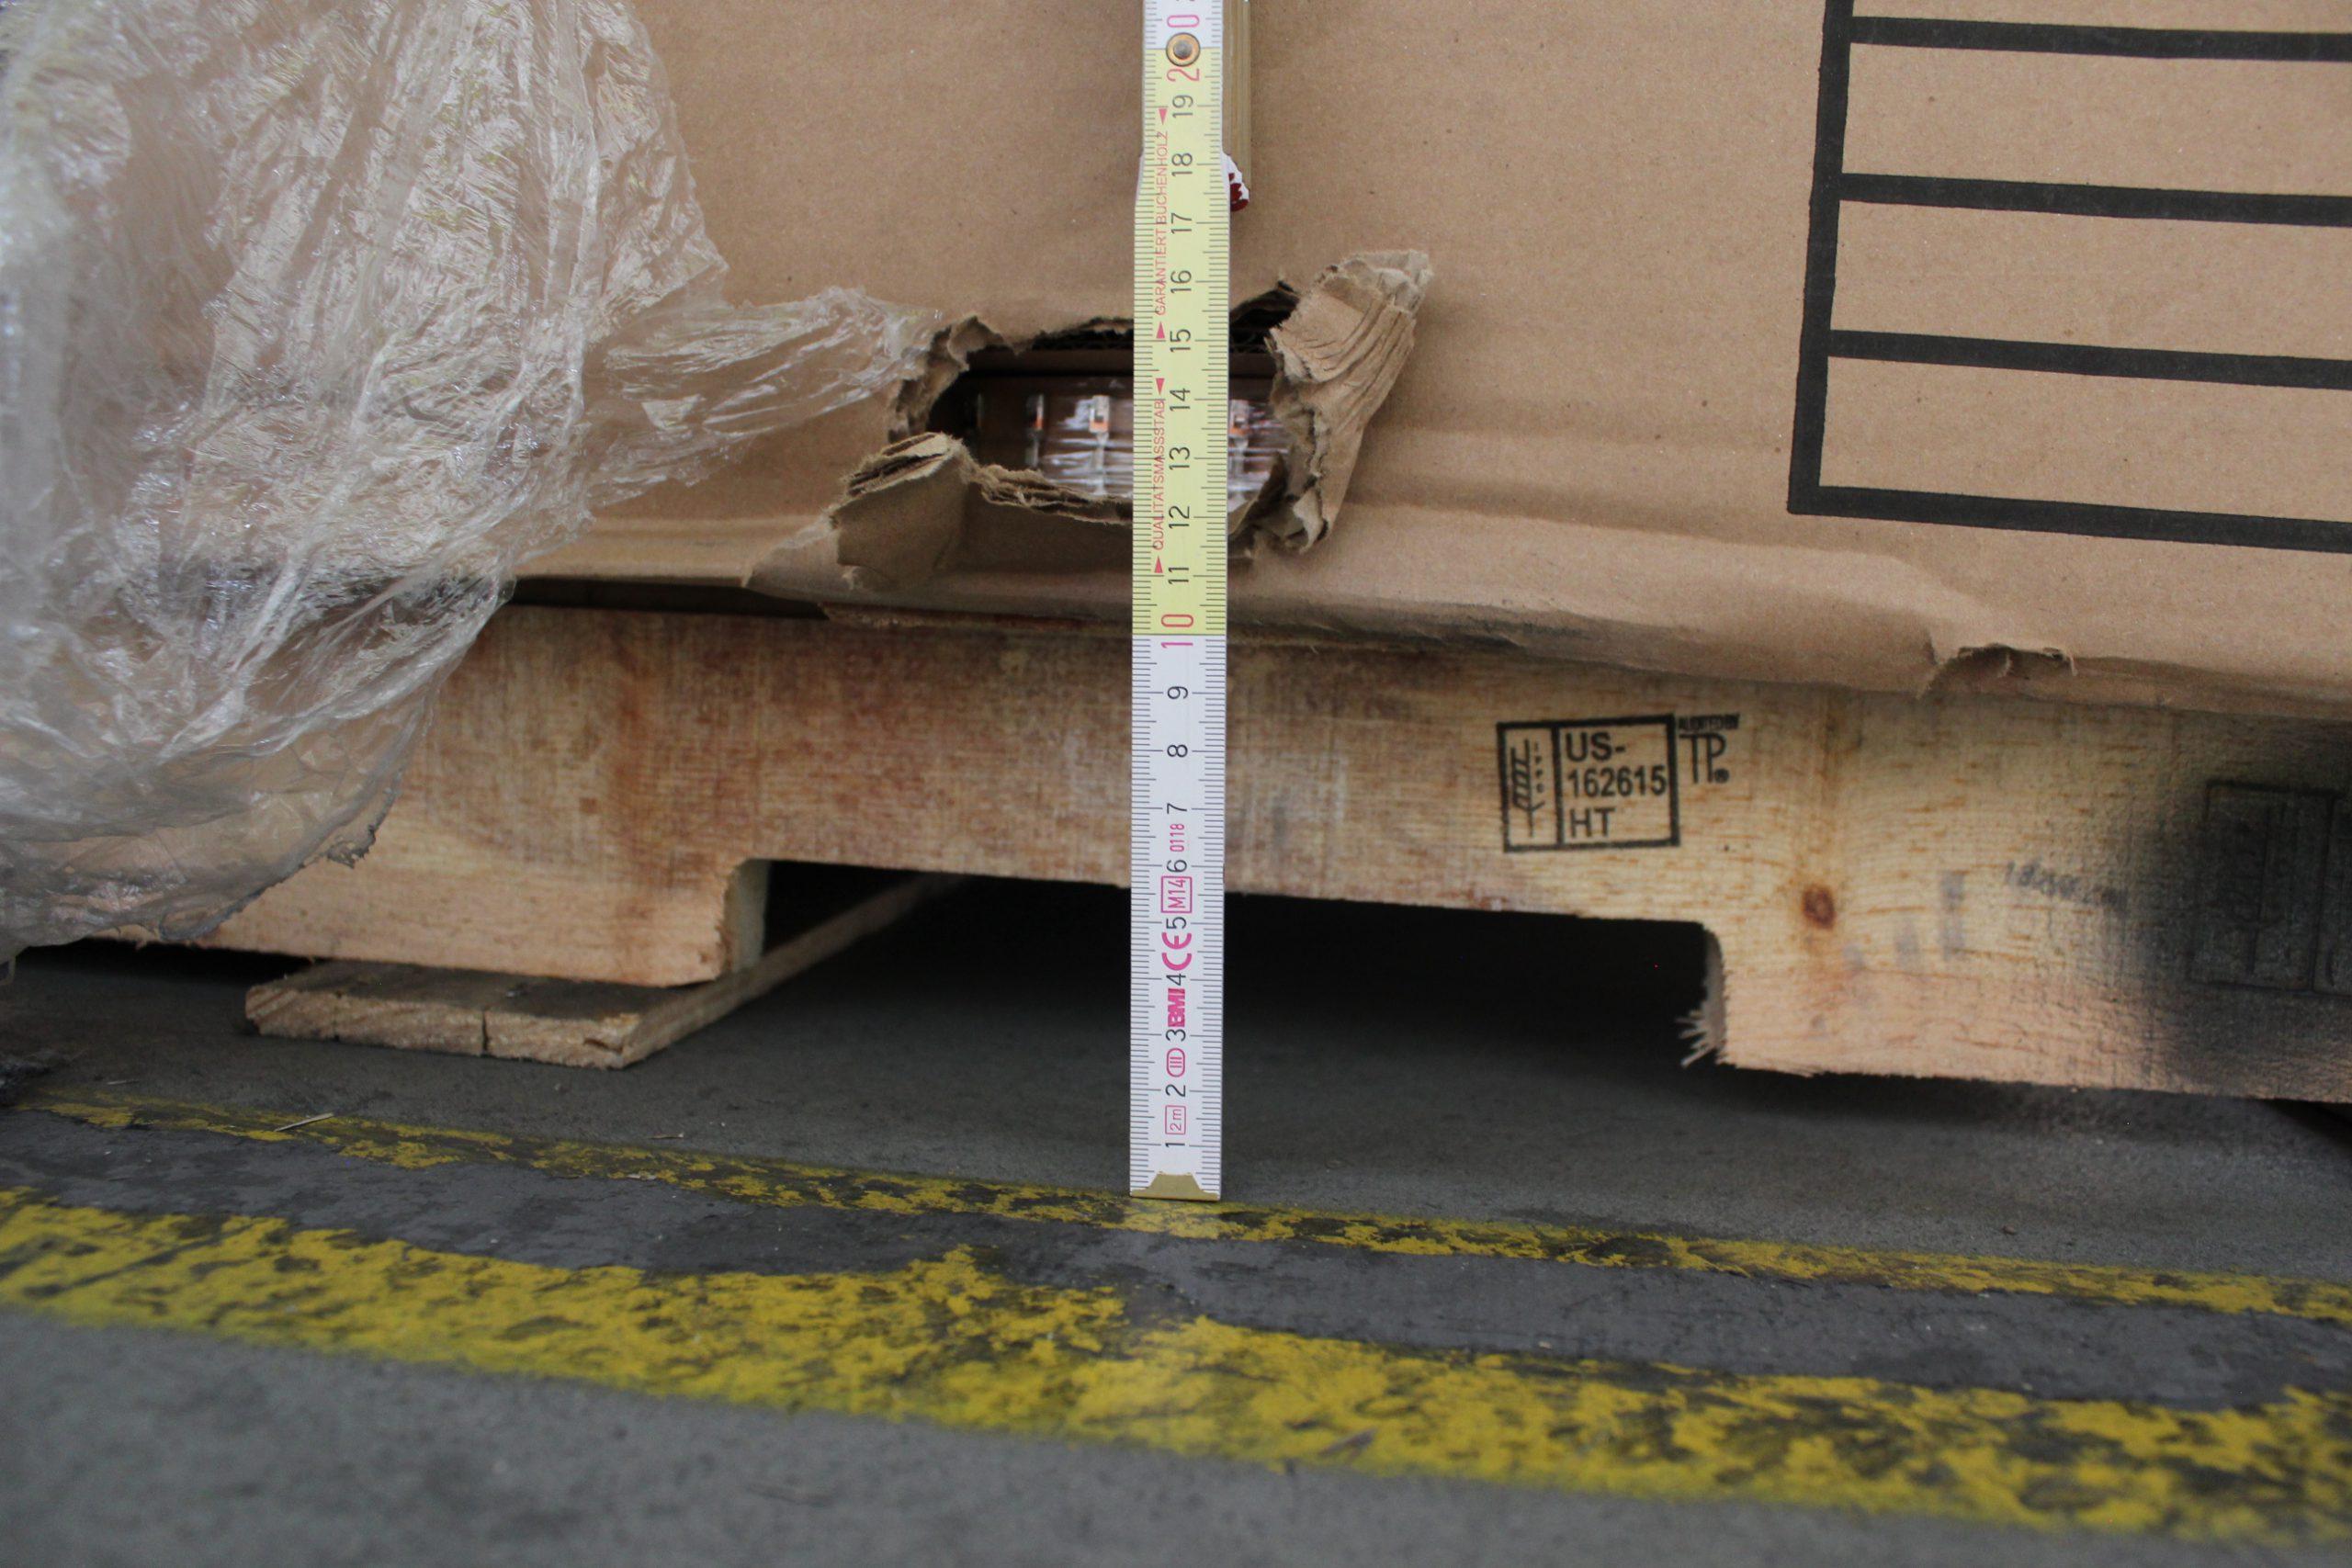 ein Karton auf einer Palette ist durch eine Staplergabel beschädigt